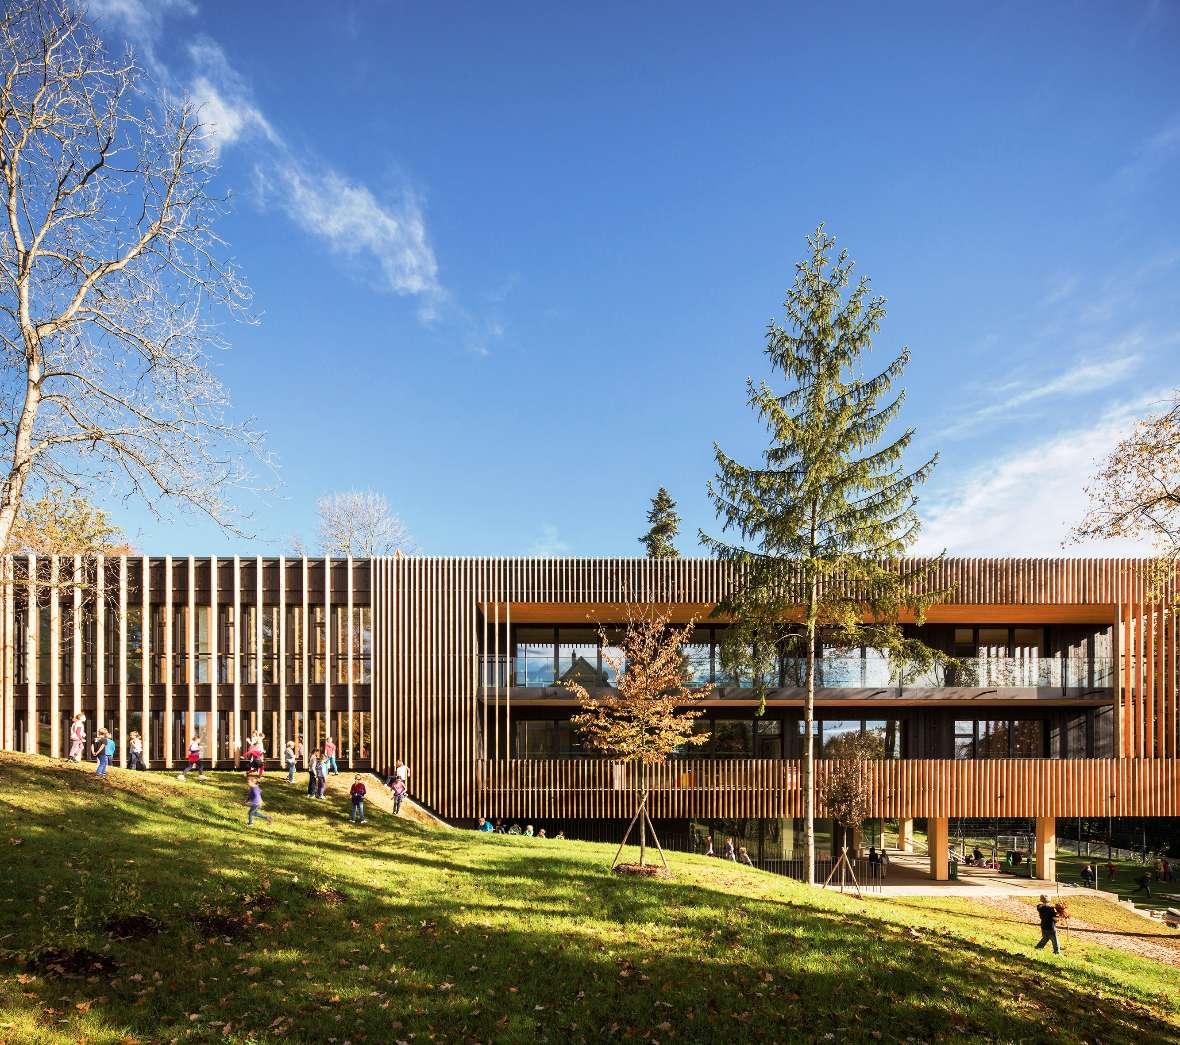 reihenhaus einrichten nachhaltiges bauwerk rustikalen elementen, holzbau in der gemeinde, klimaaktiv, Design ideen